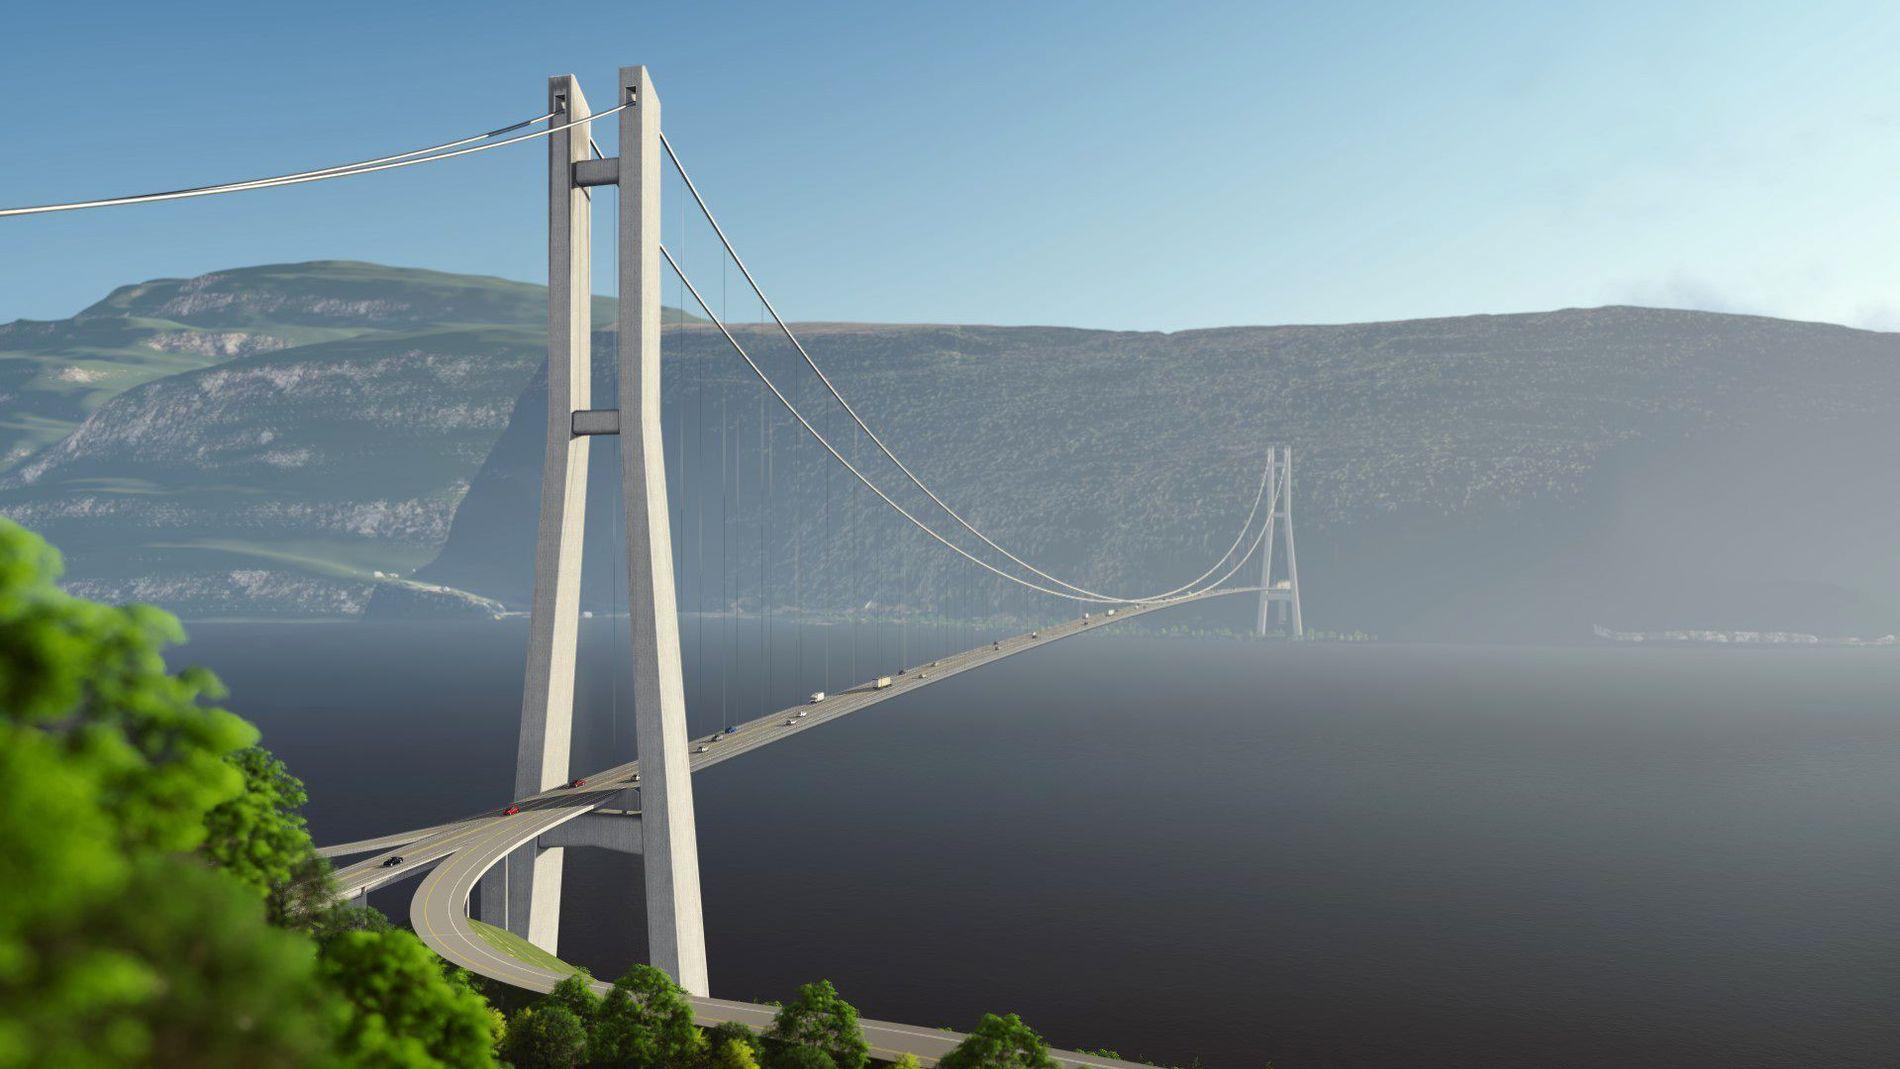 INDRE TRASÉ:  I forrige uke sendte Statens vegvesen ut kommunedelplanen for E39 Byrkjelo-Grodås ut på høring. Lengden på den nye veien er 38 km. Av dette vil 1800 meter være en hengebro over Nordfjorden. Det er 400 meter lengre enn Hardangerbrua.